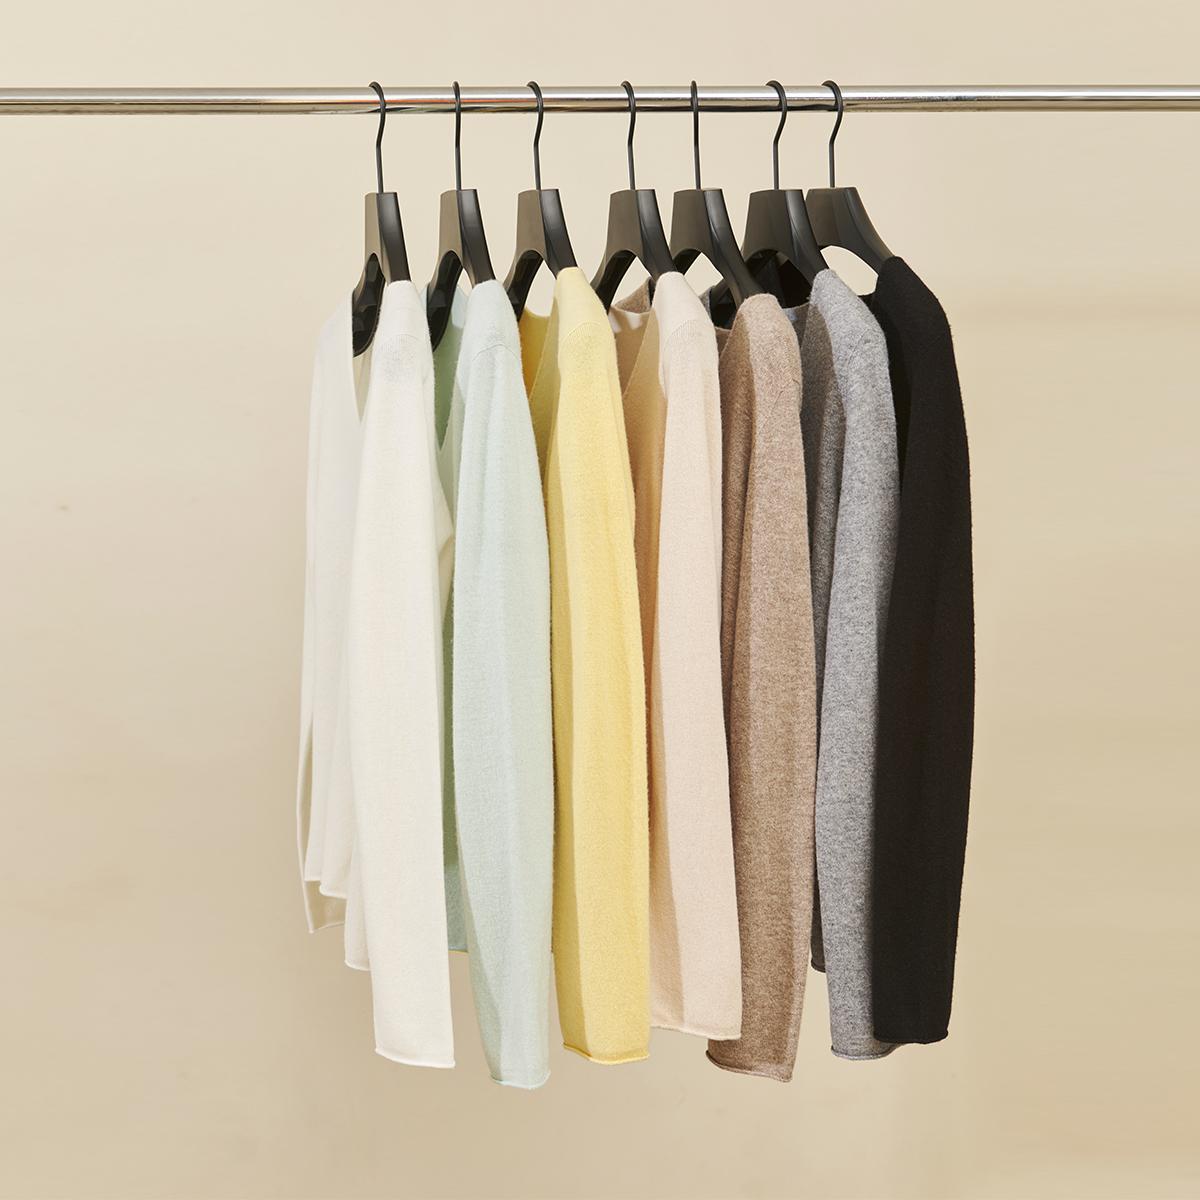 【福利款】无缝一体羊毛衫 26支 克重183g No.2